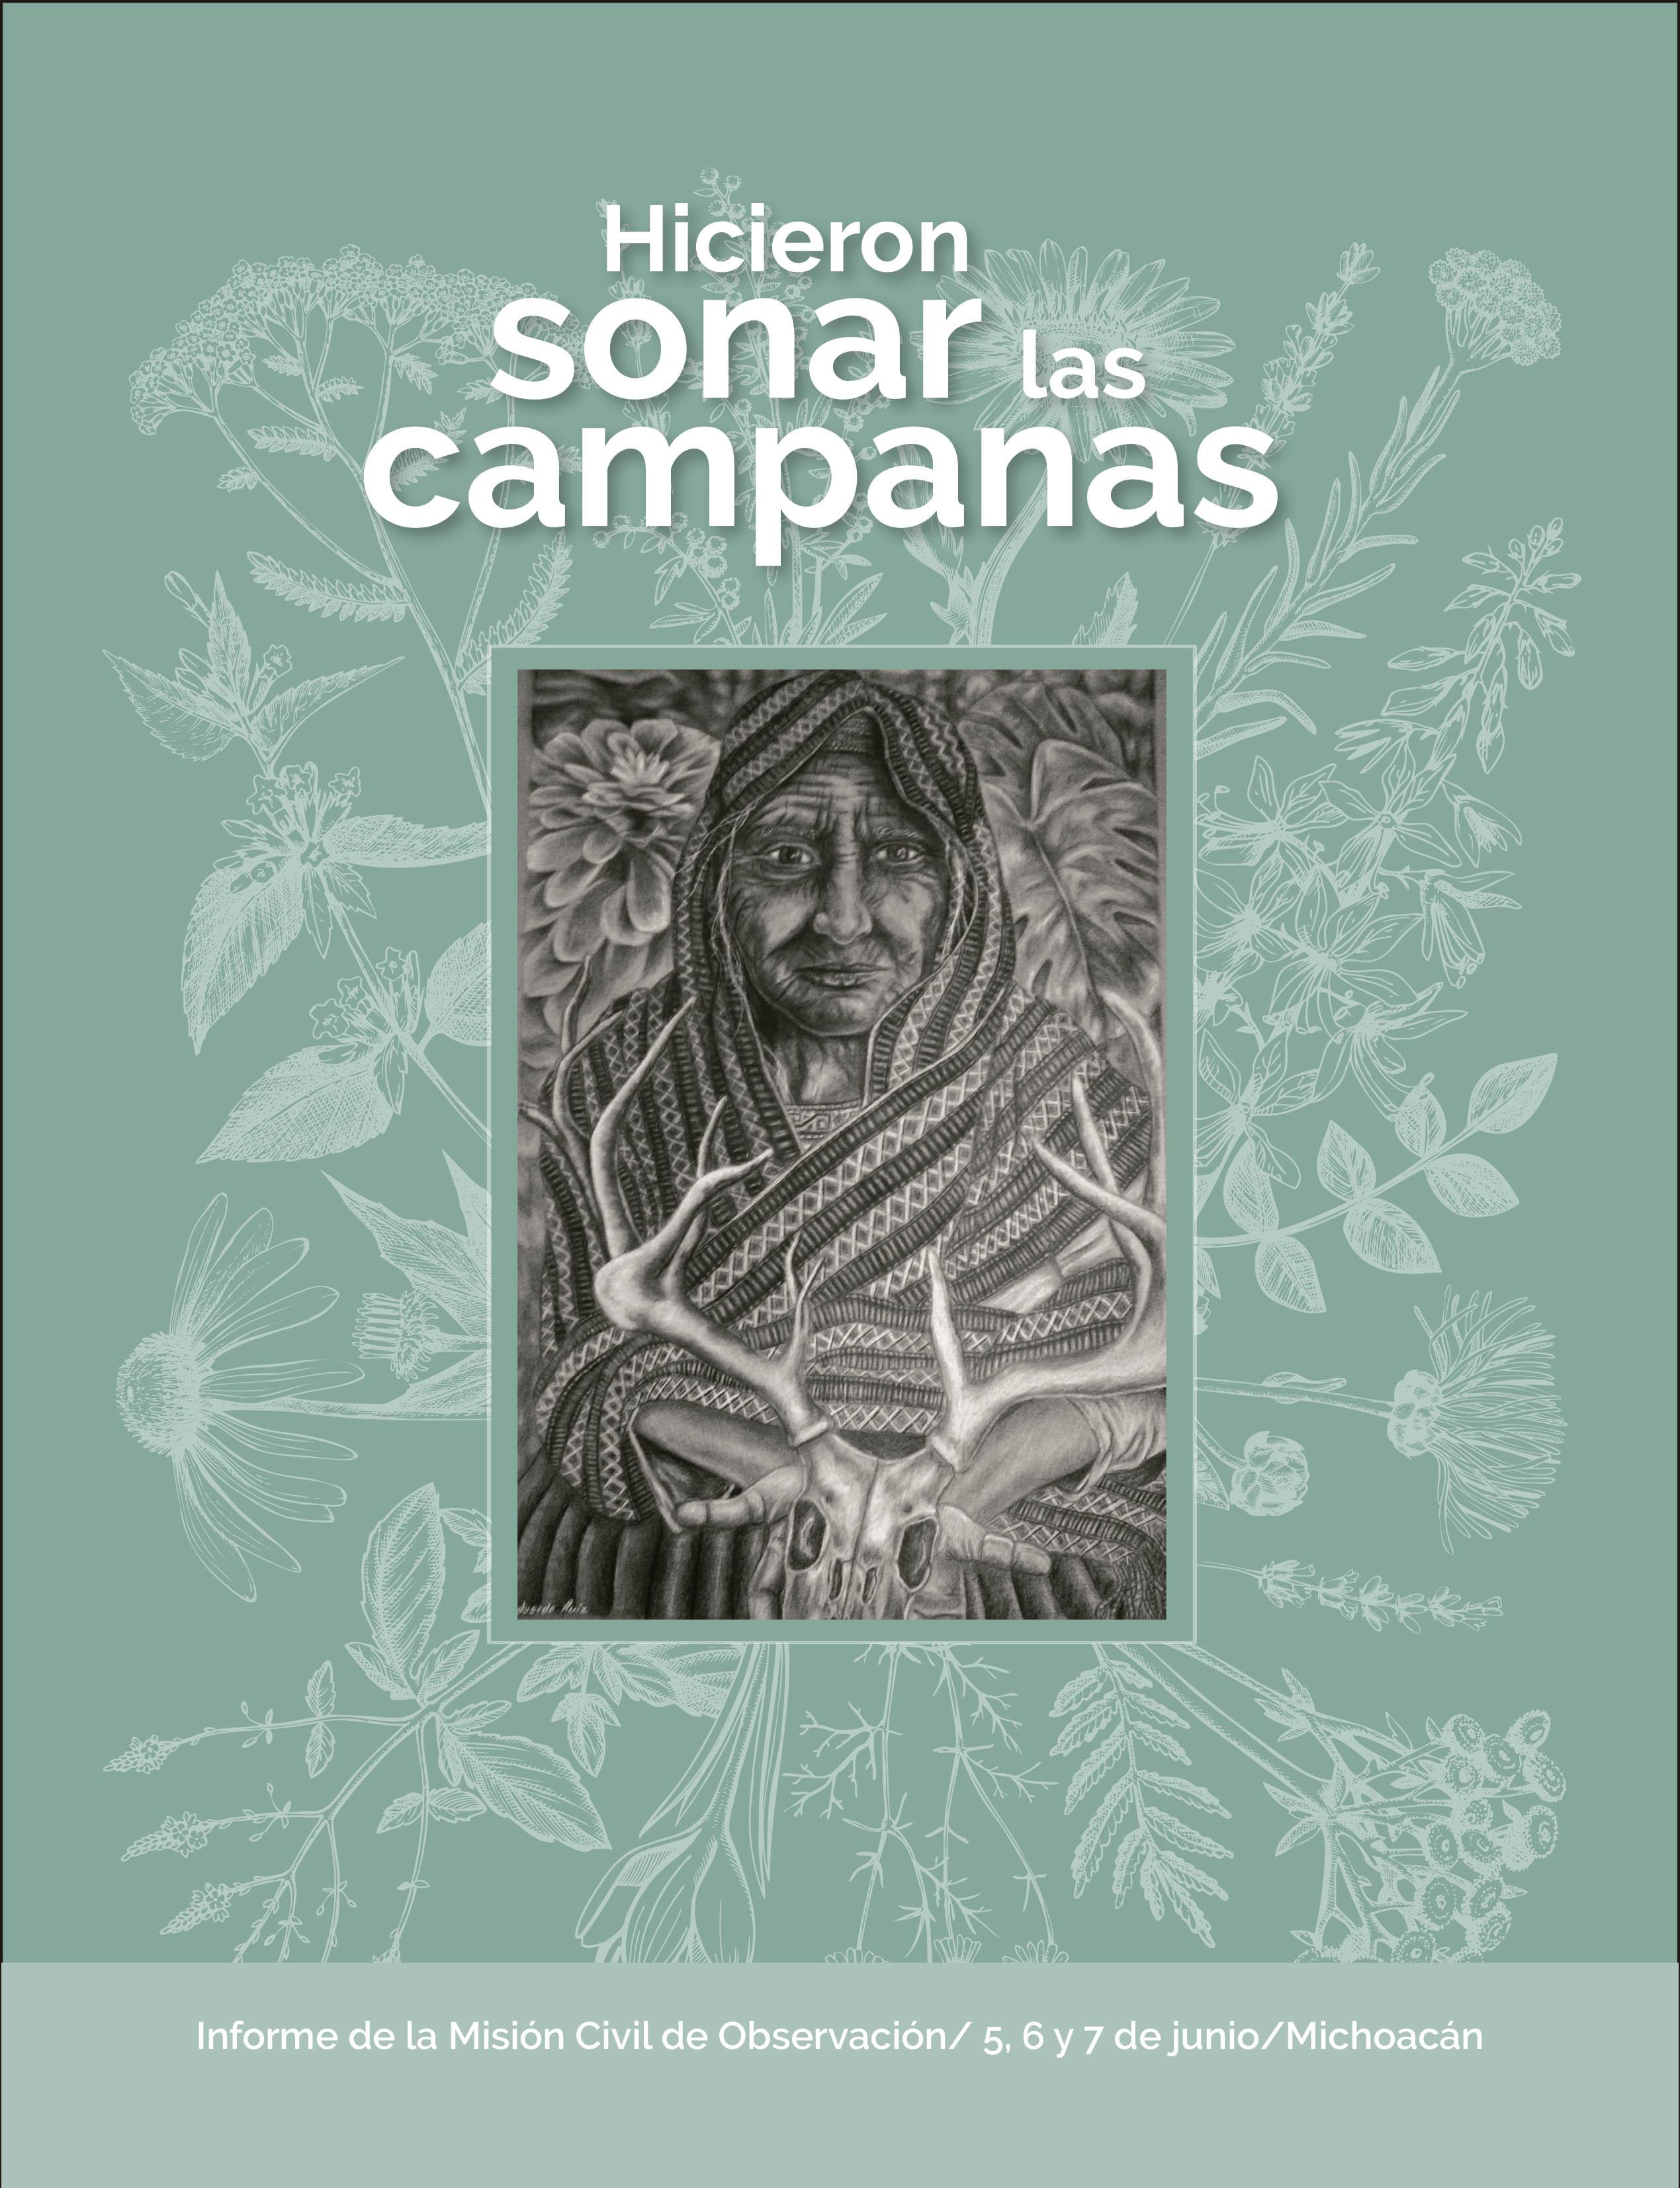 """Informe de la Misión Civil de Observación Civil en Michoacán en el contexto electoral 2021 """"Hicieron Sonar las Campanas"""""""